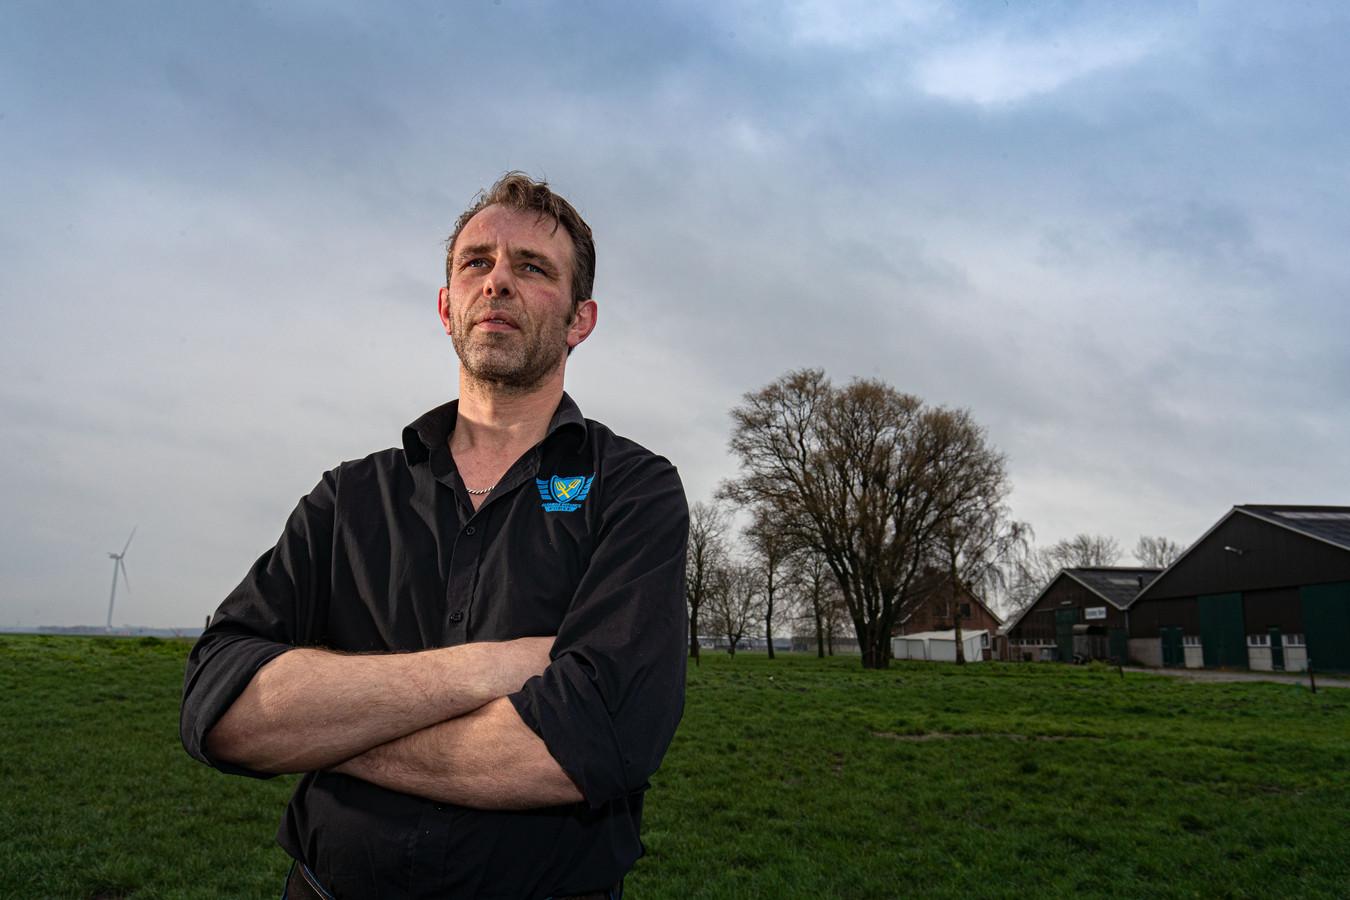 Zeewolde - Jeroen van Maanen uit Zeewolde van Farmers Defence Force. Editie ZL Foto Freddy Schinkel, IJsselmuiden © FS20200227